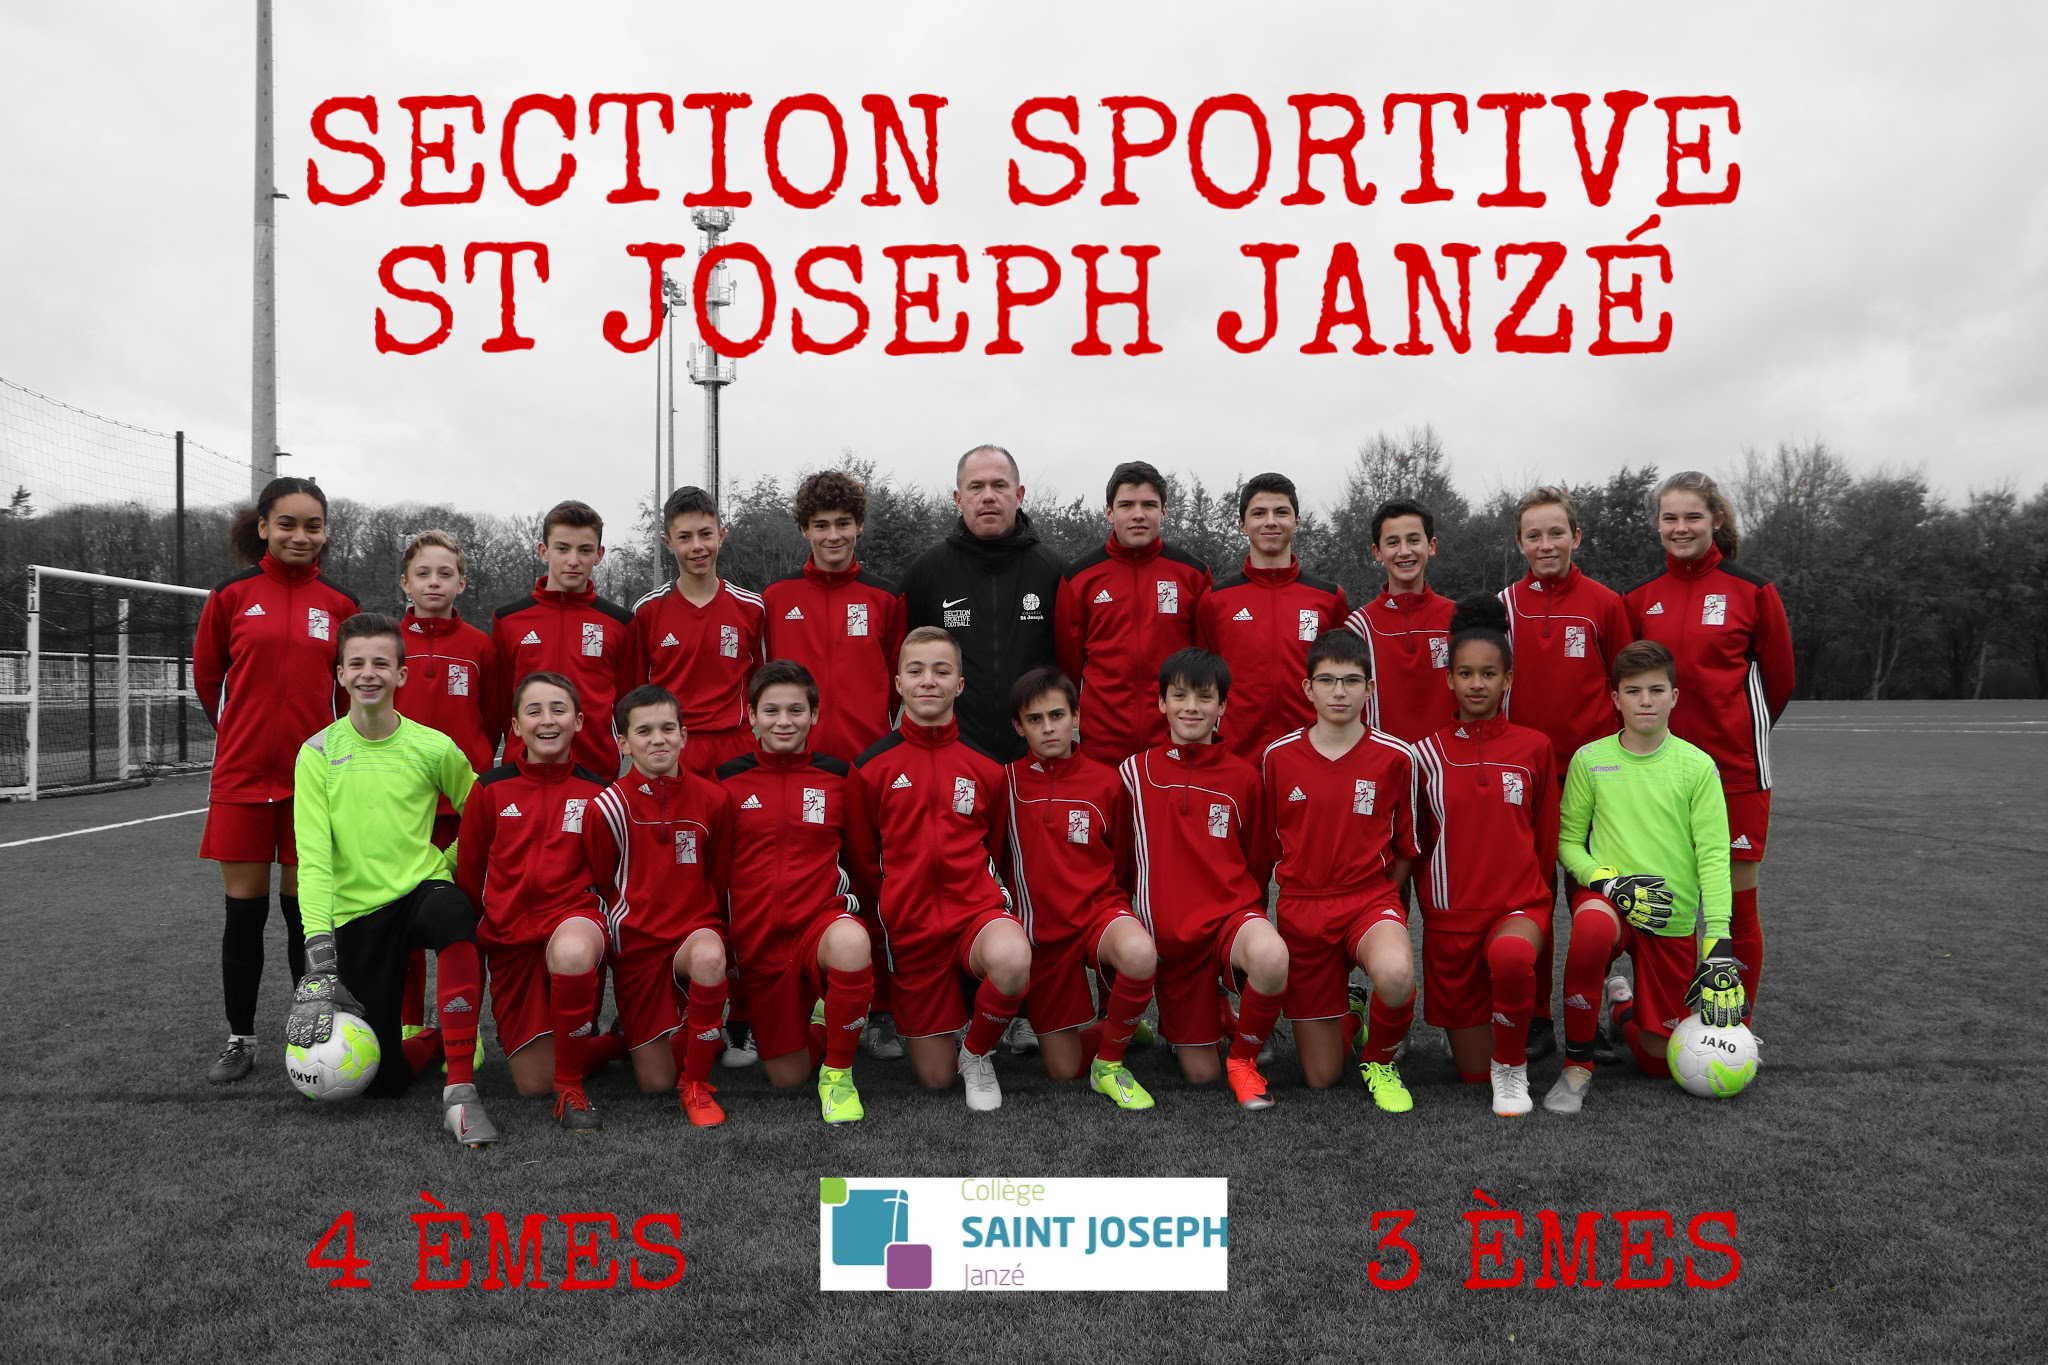 Zoom Sur Nos Sections Sportives College St Joseph Janze Ligue